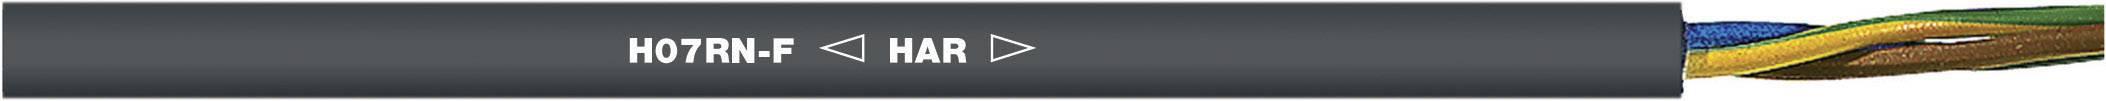 Připojovací kabel H07RN-F 3 G 6 mm² černá LappKabel 1600120 metrové zboží